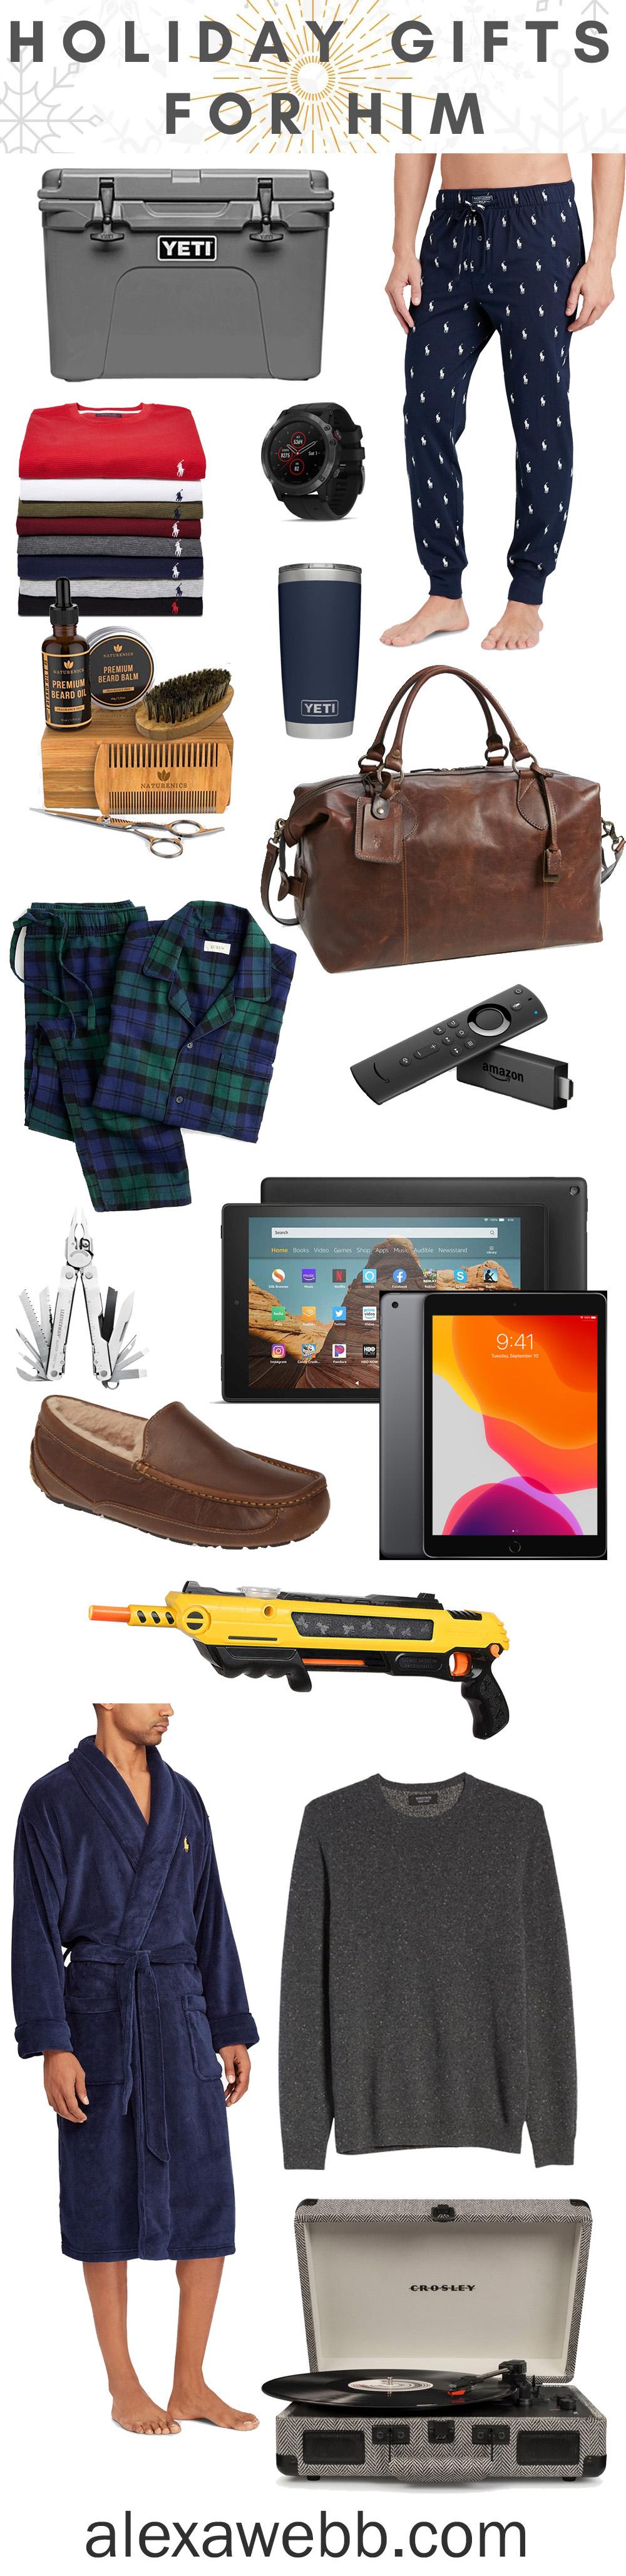 2019 Gift Ideas for Men a Gift Guide for Men - Alexa Webb